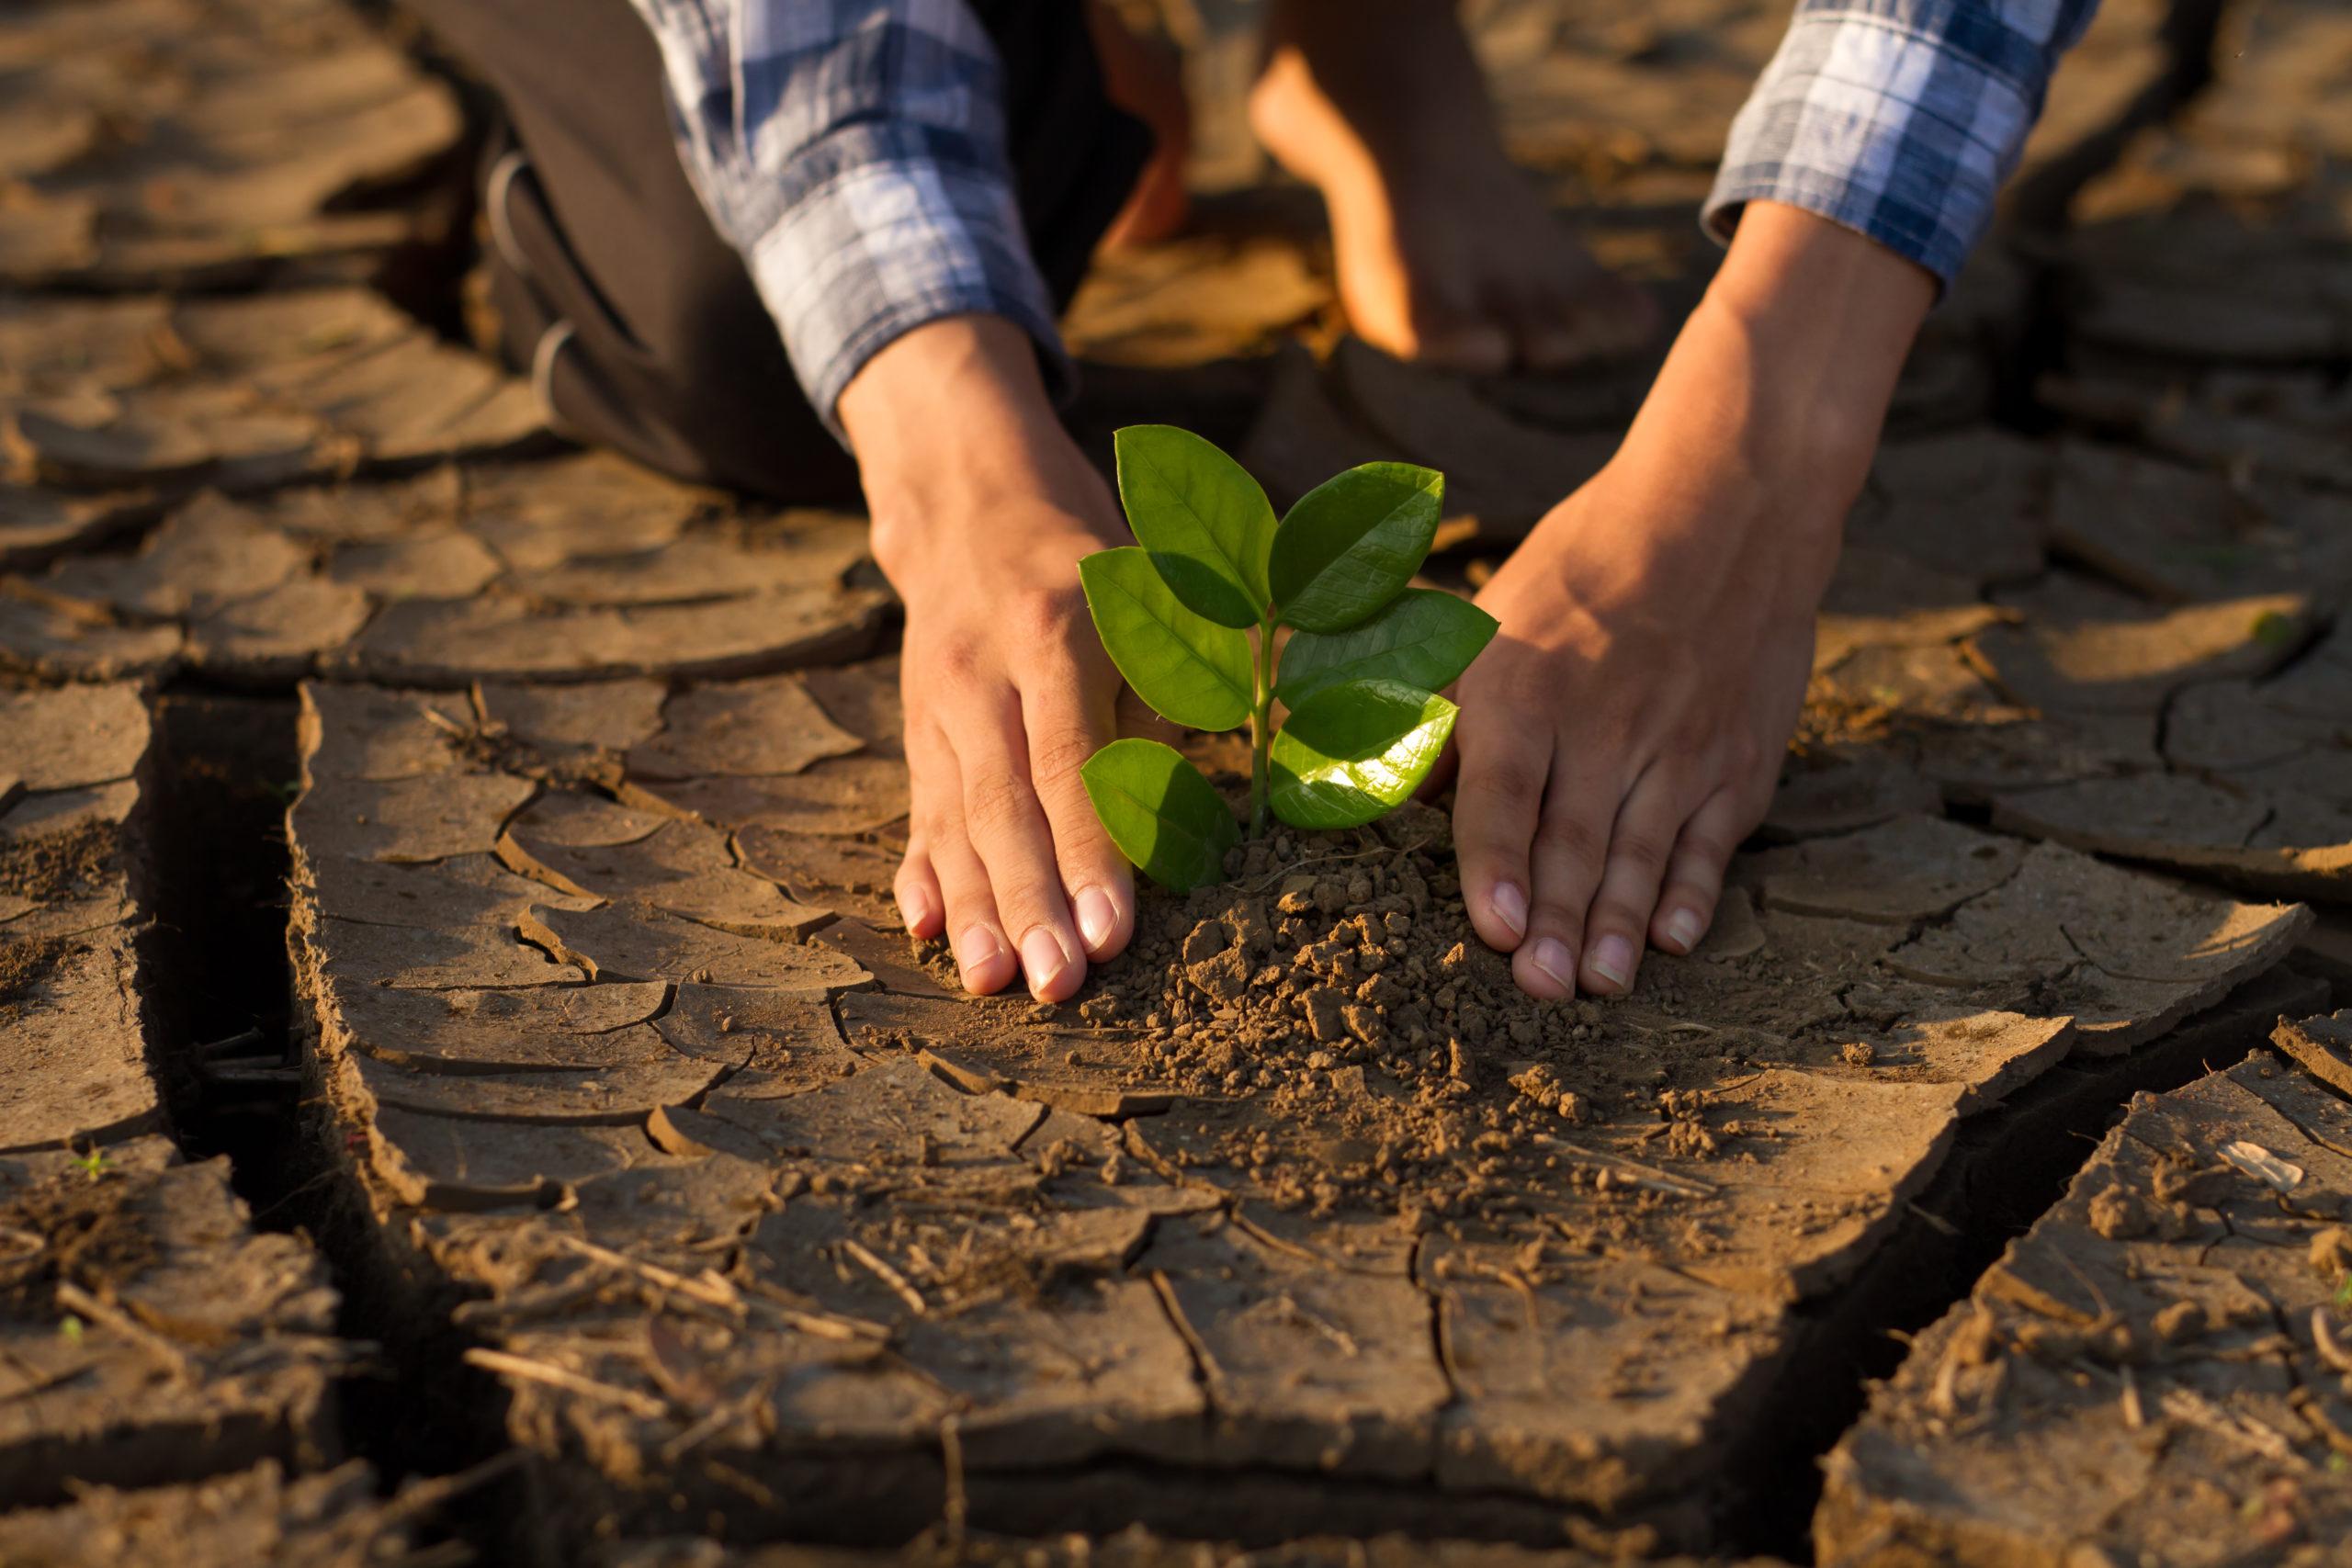 #GeneraciónRestauración: La campaña de la ONU para rescatar los ecosistemas